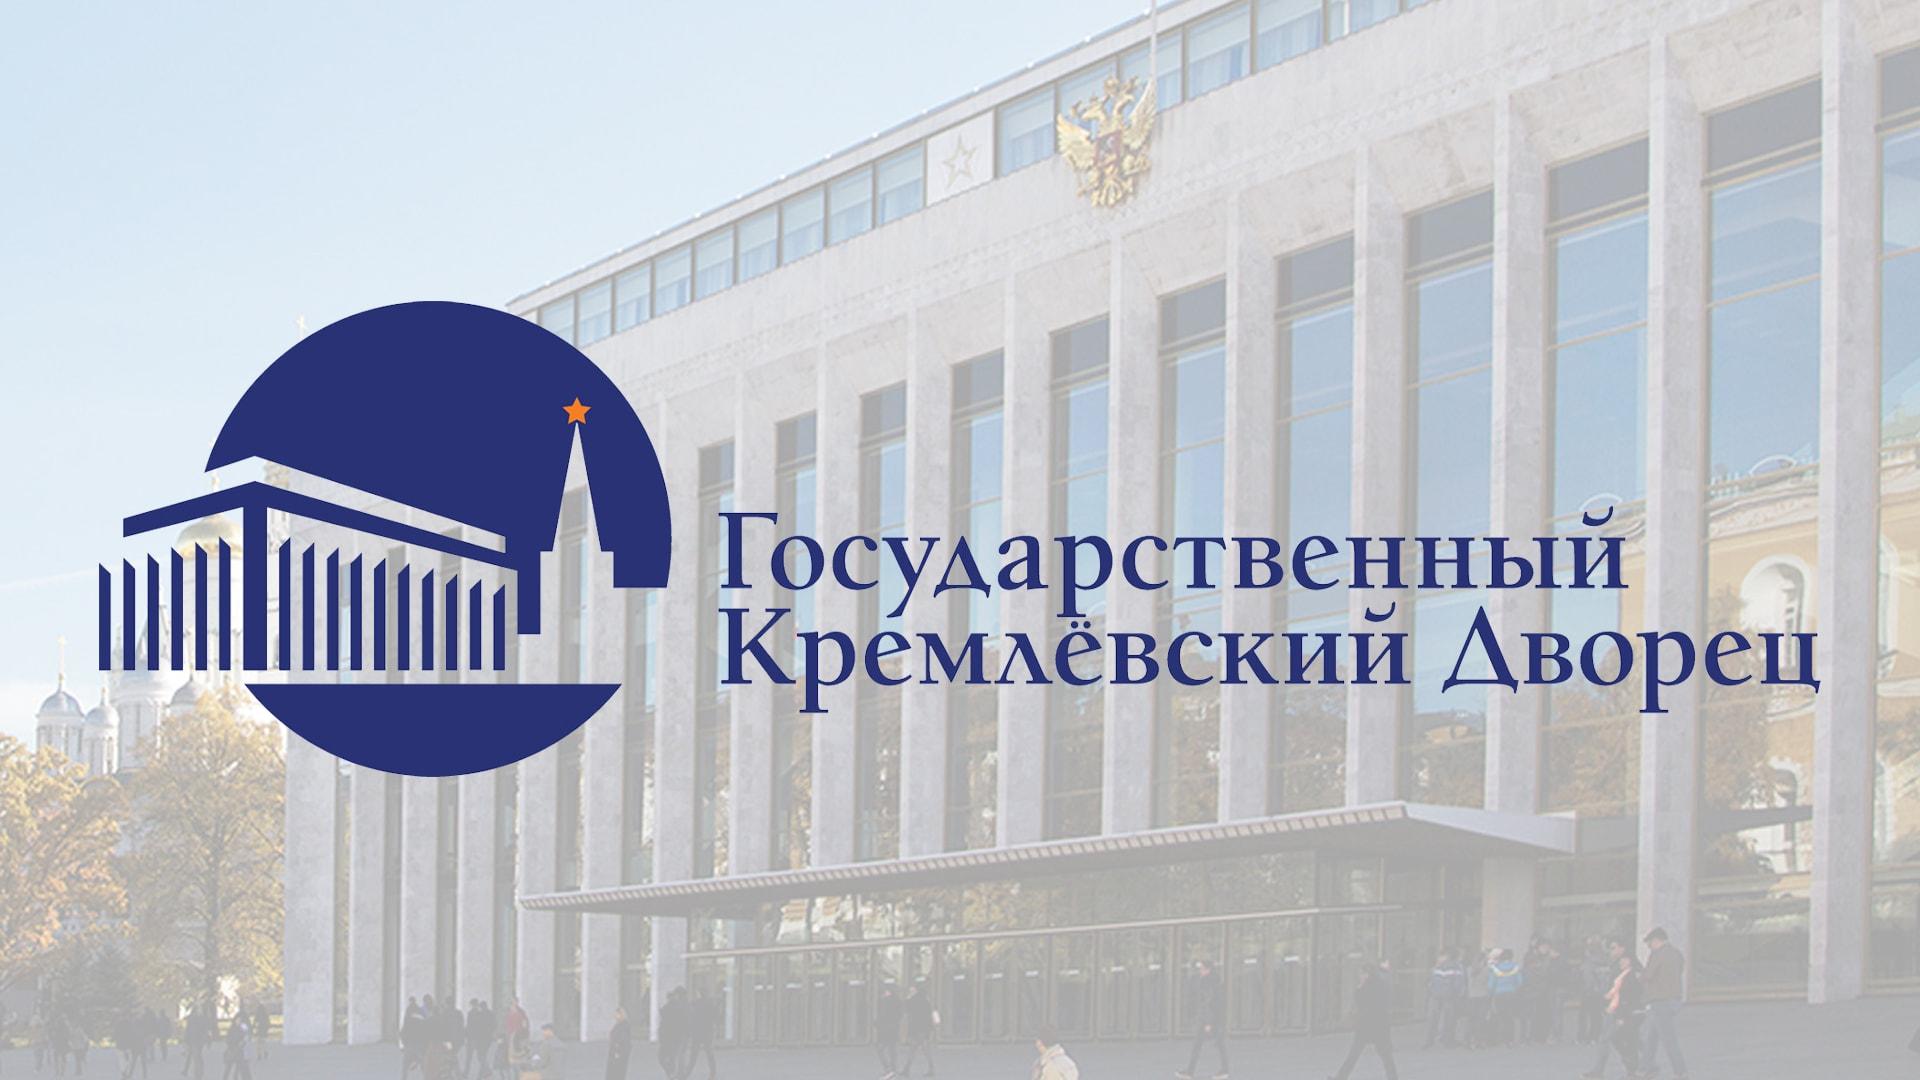 Кремлевский дворец официальный сайт схема зала фото 404